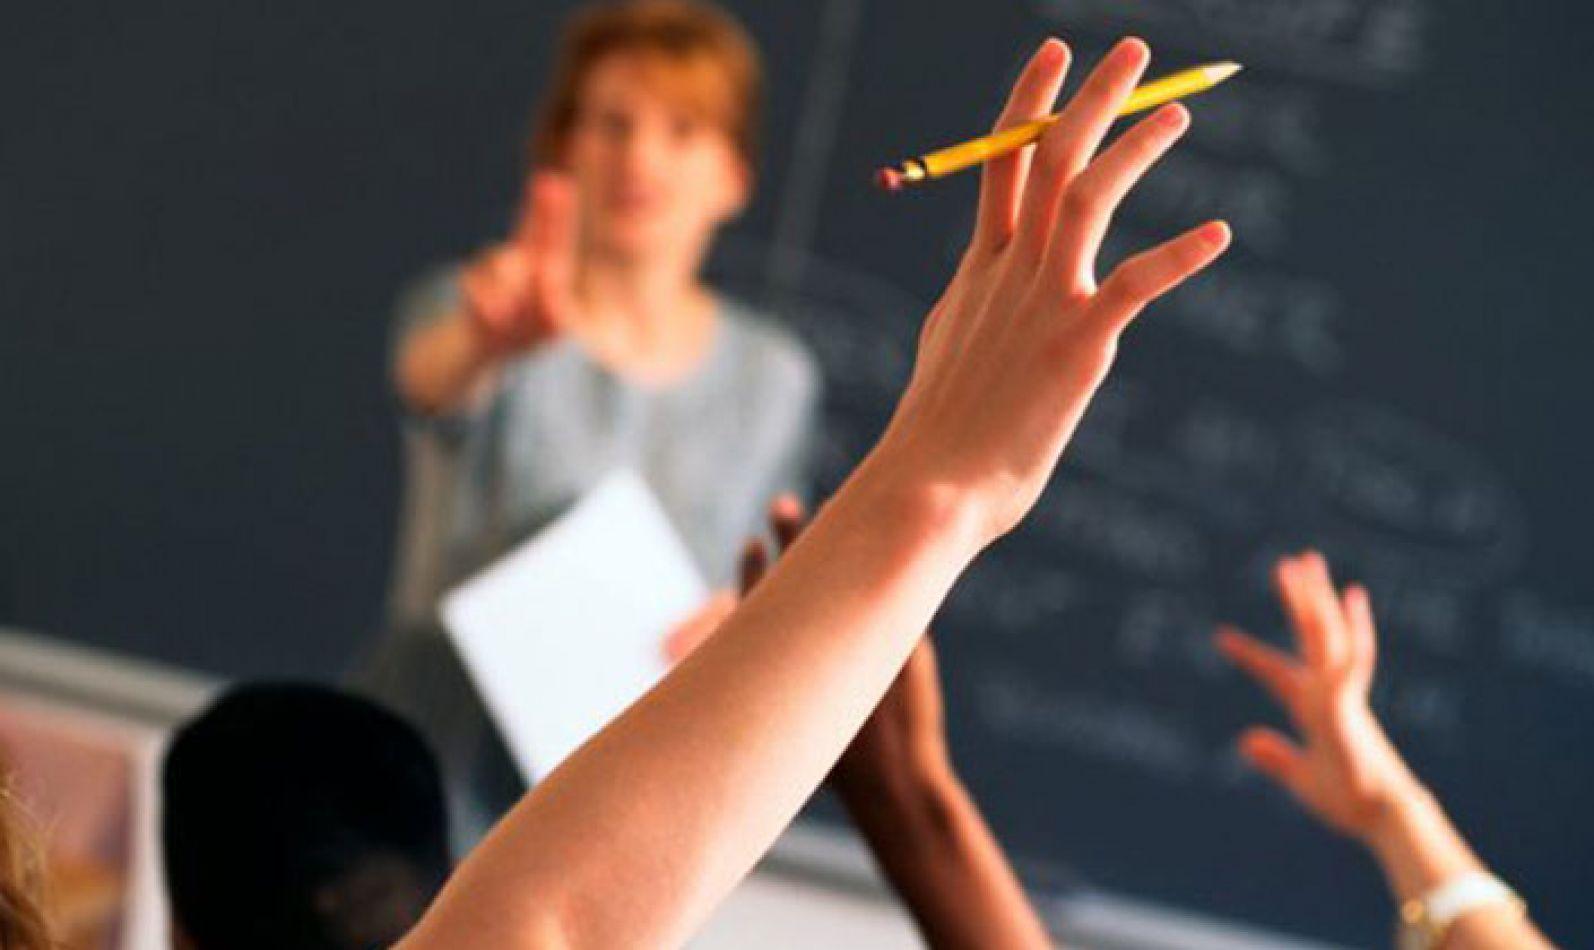 El aumento en los colegios privados podría superar el 25% de la cuota actual